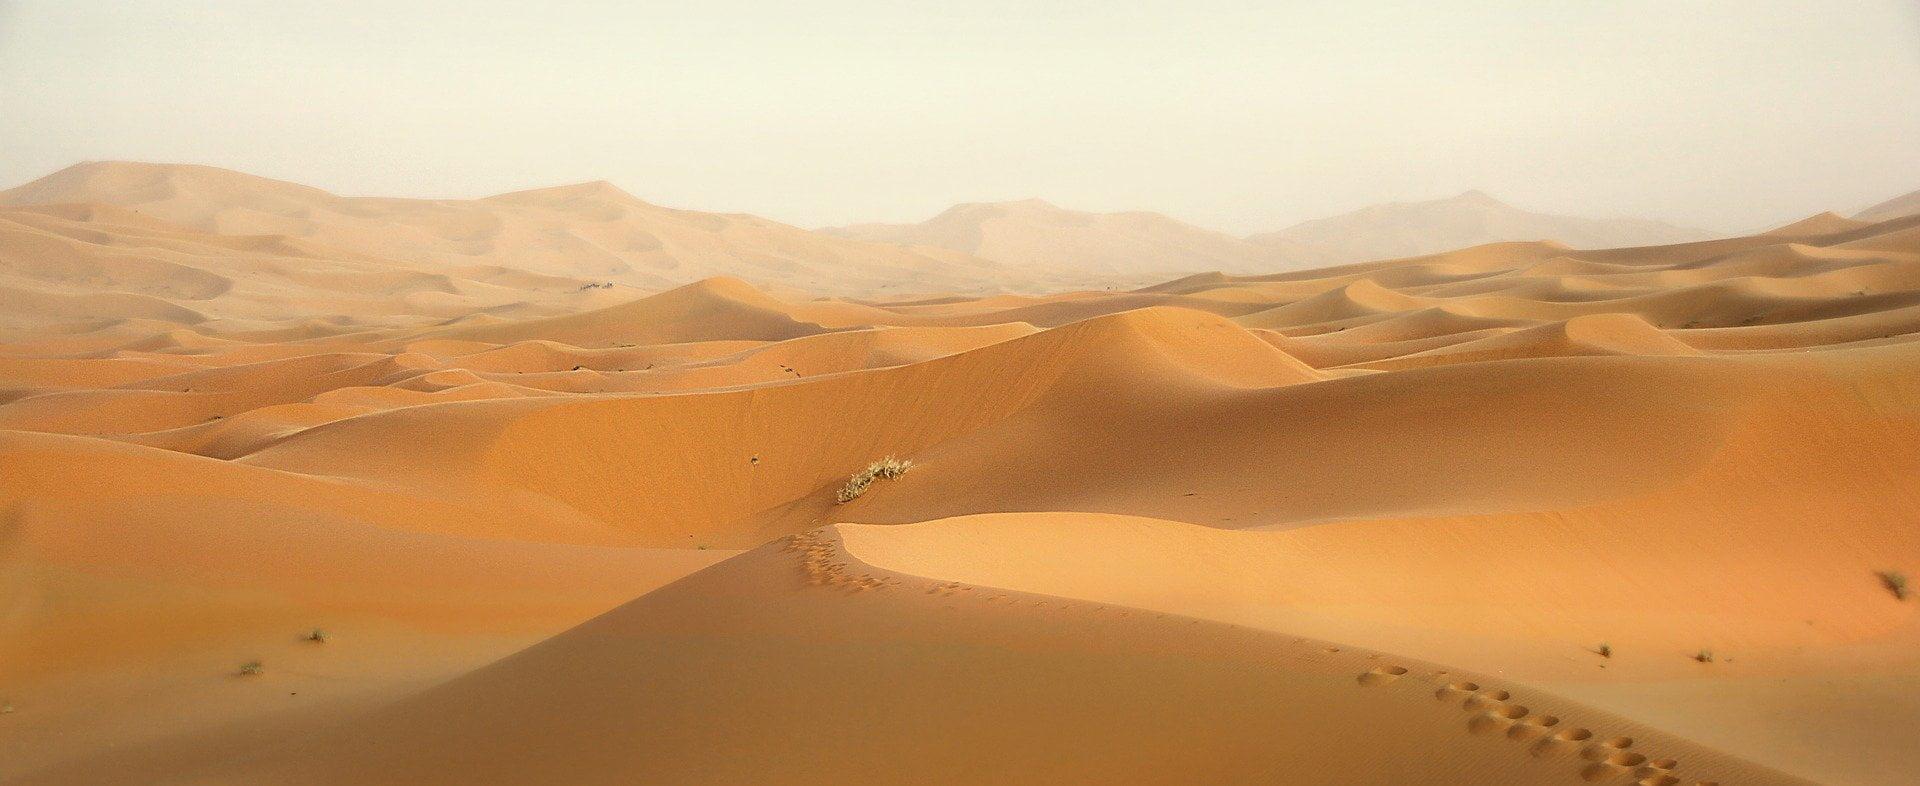 illustration album Dune